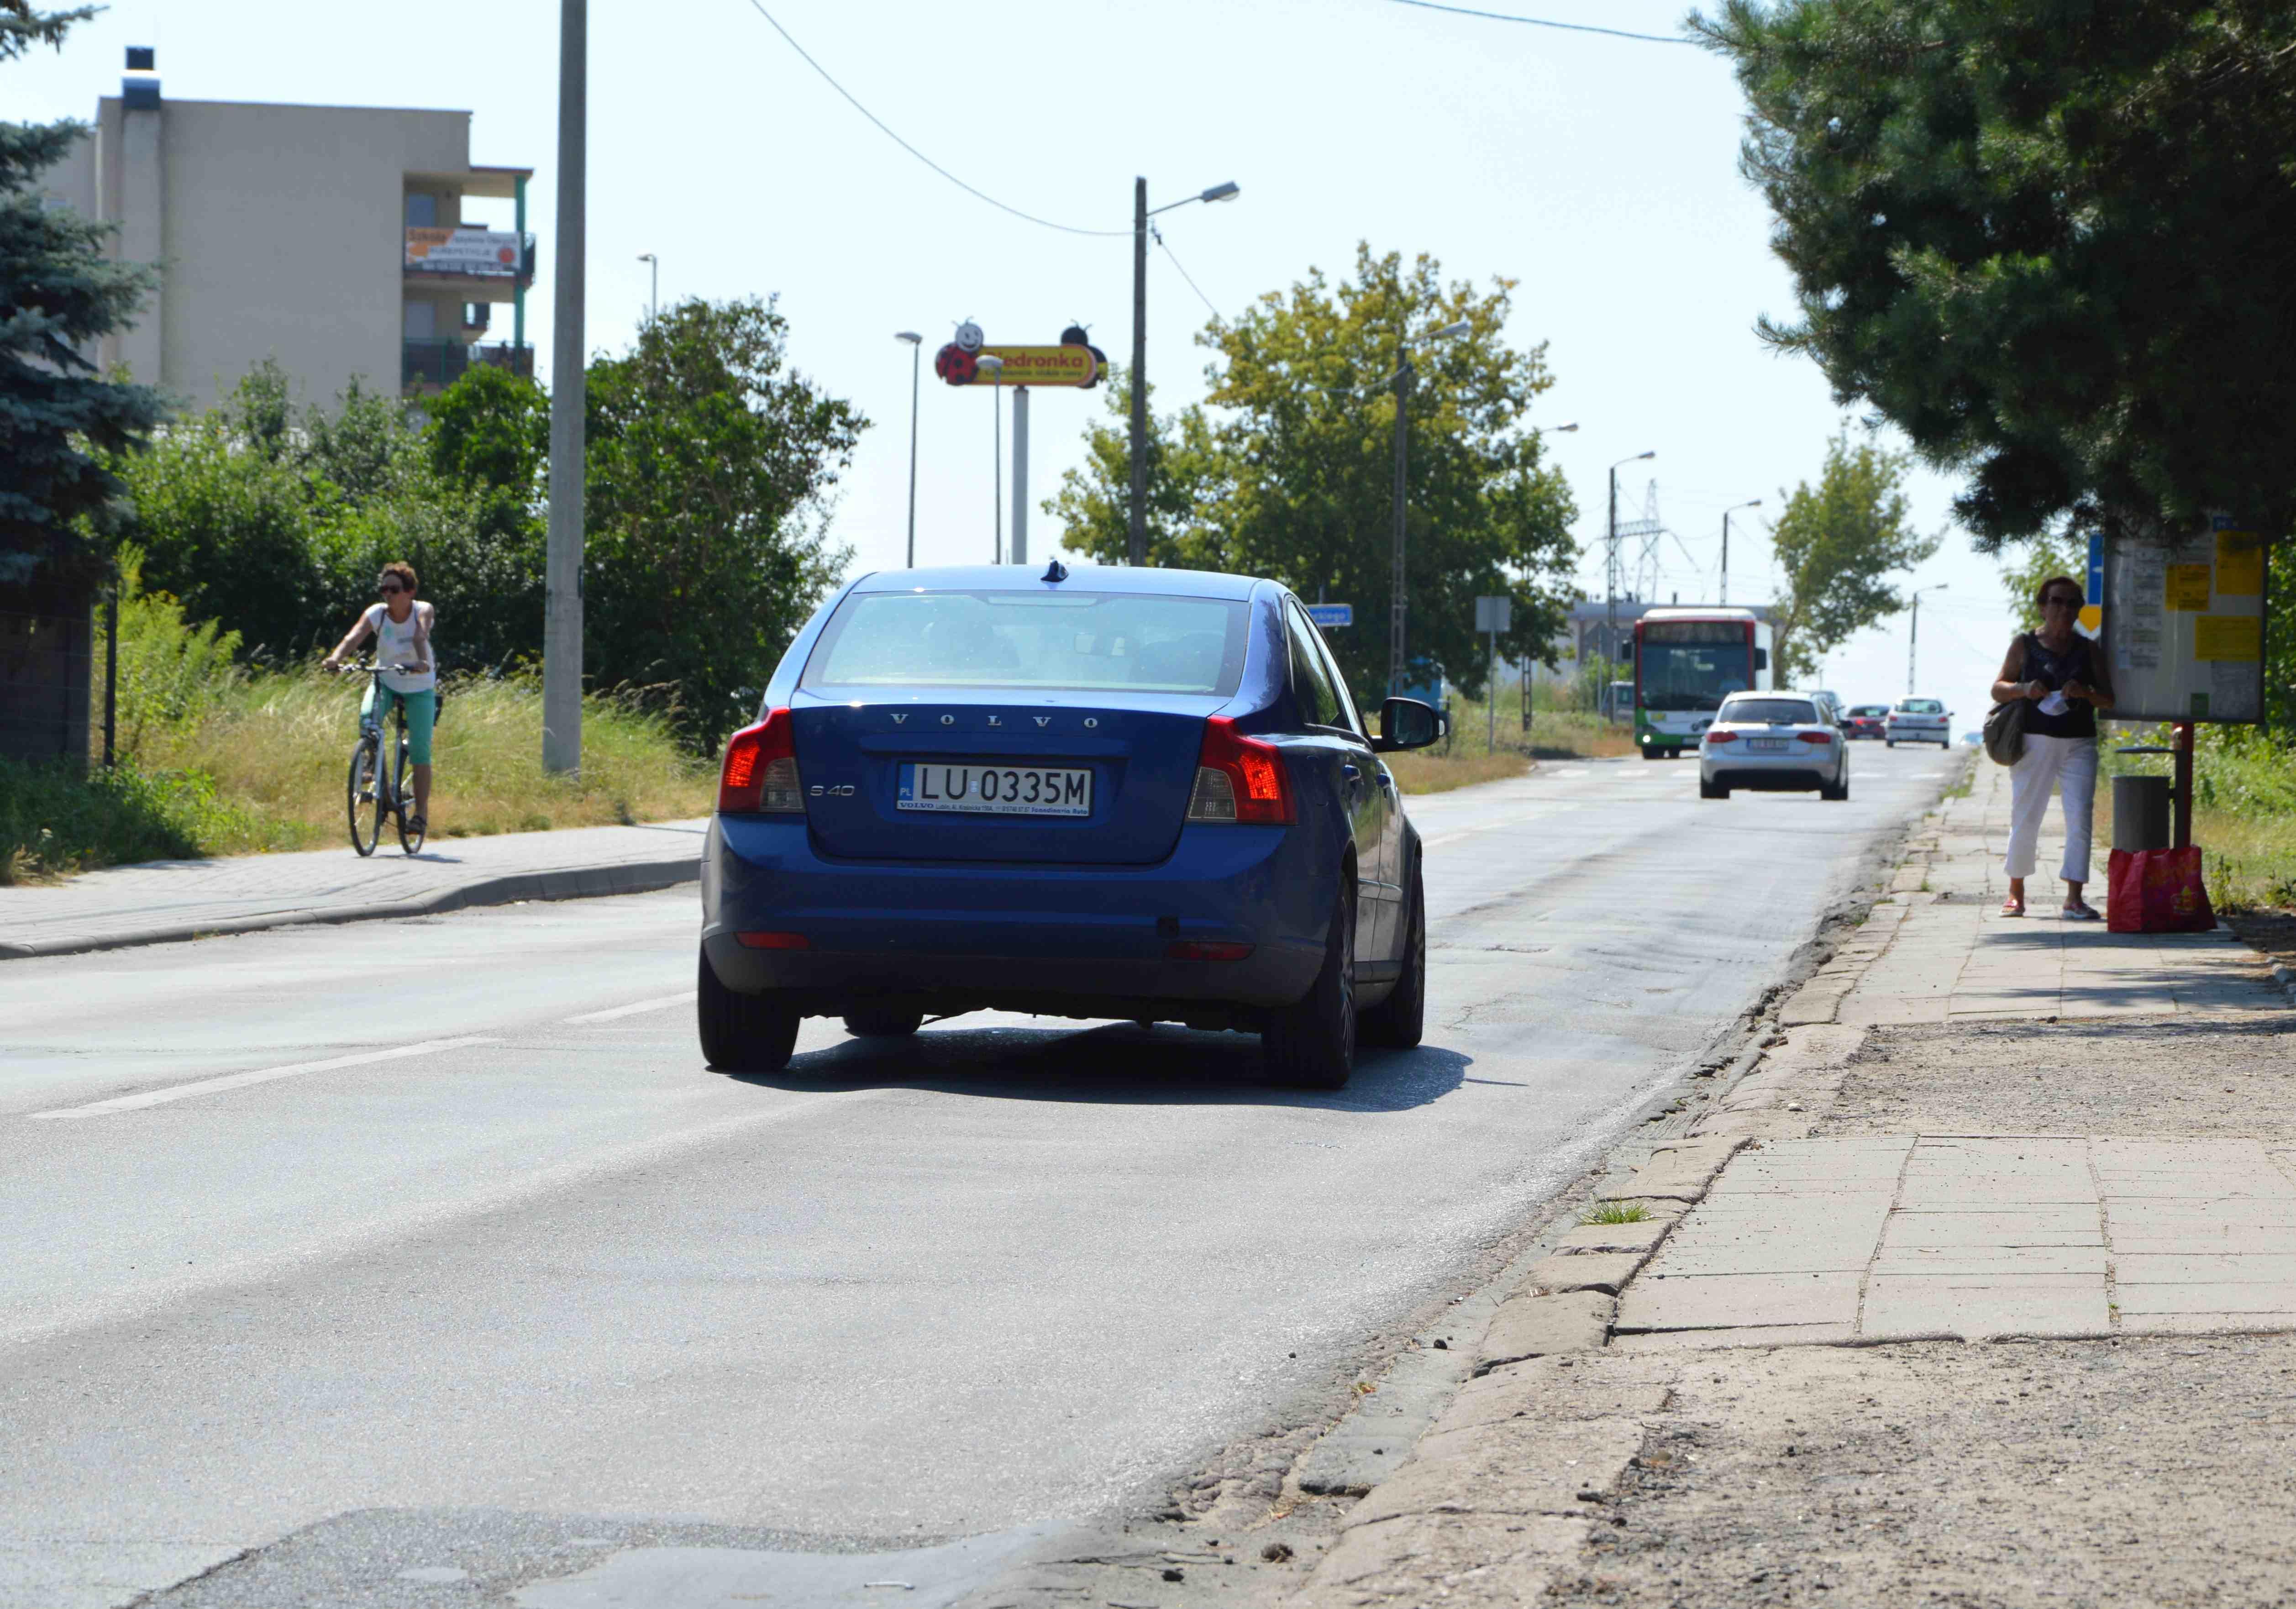 Lublinianie chcą przebudowy starej części ul. Nałkowskich - Zdjęcie główne